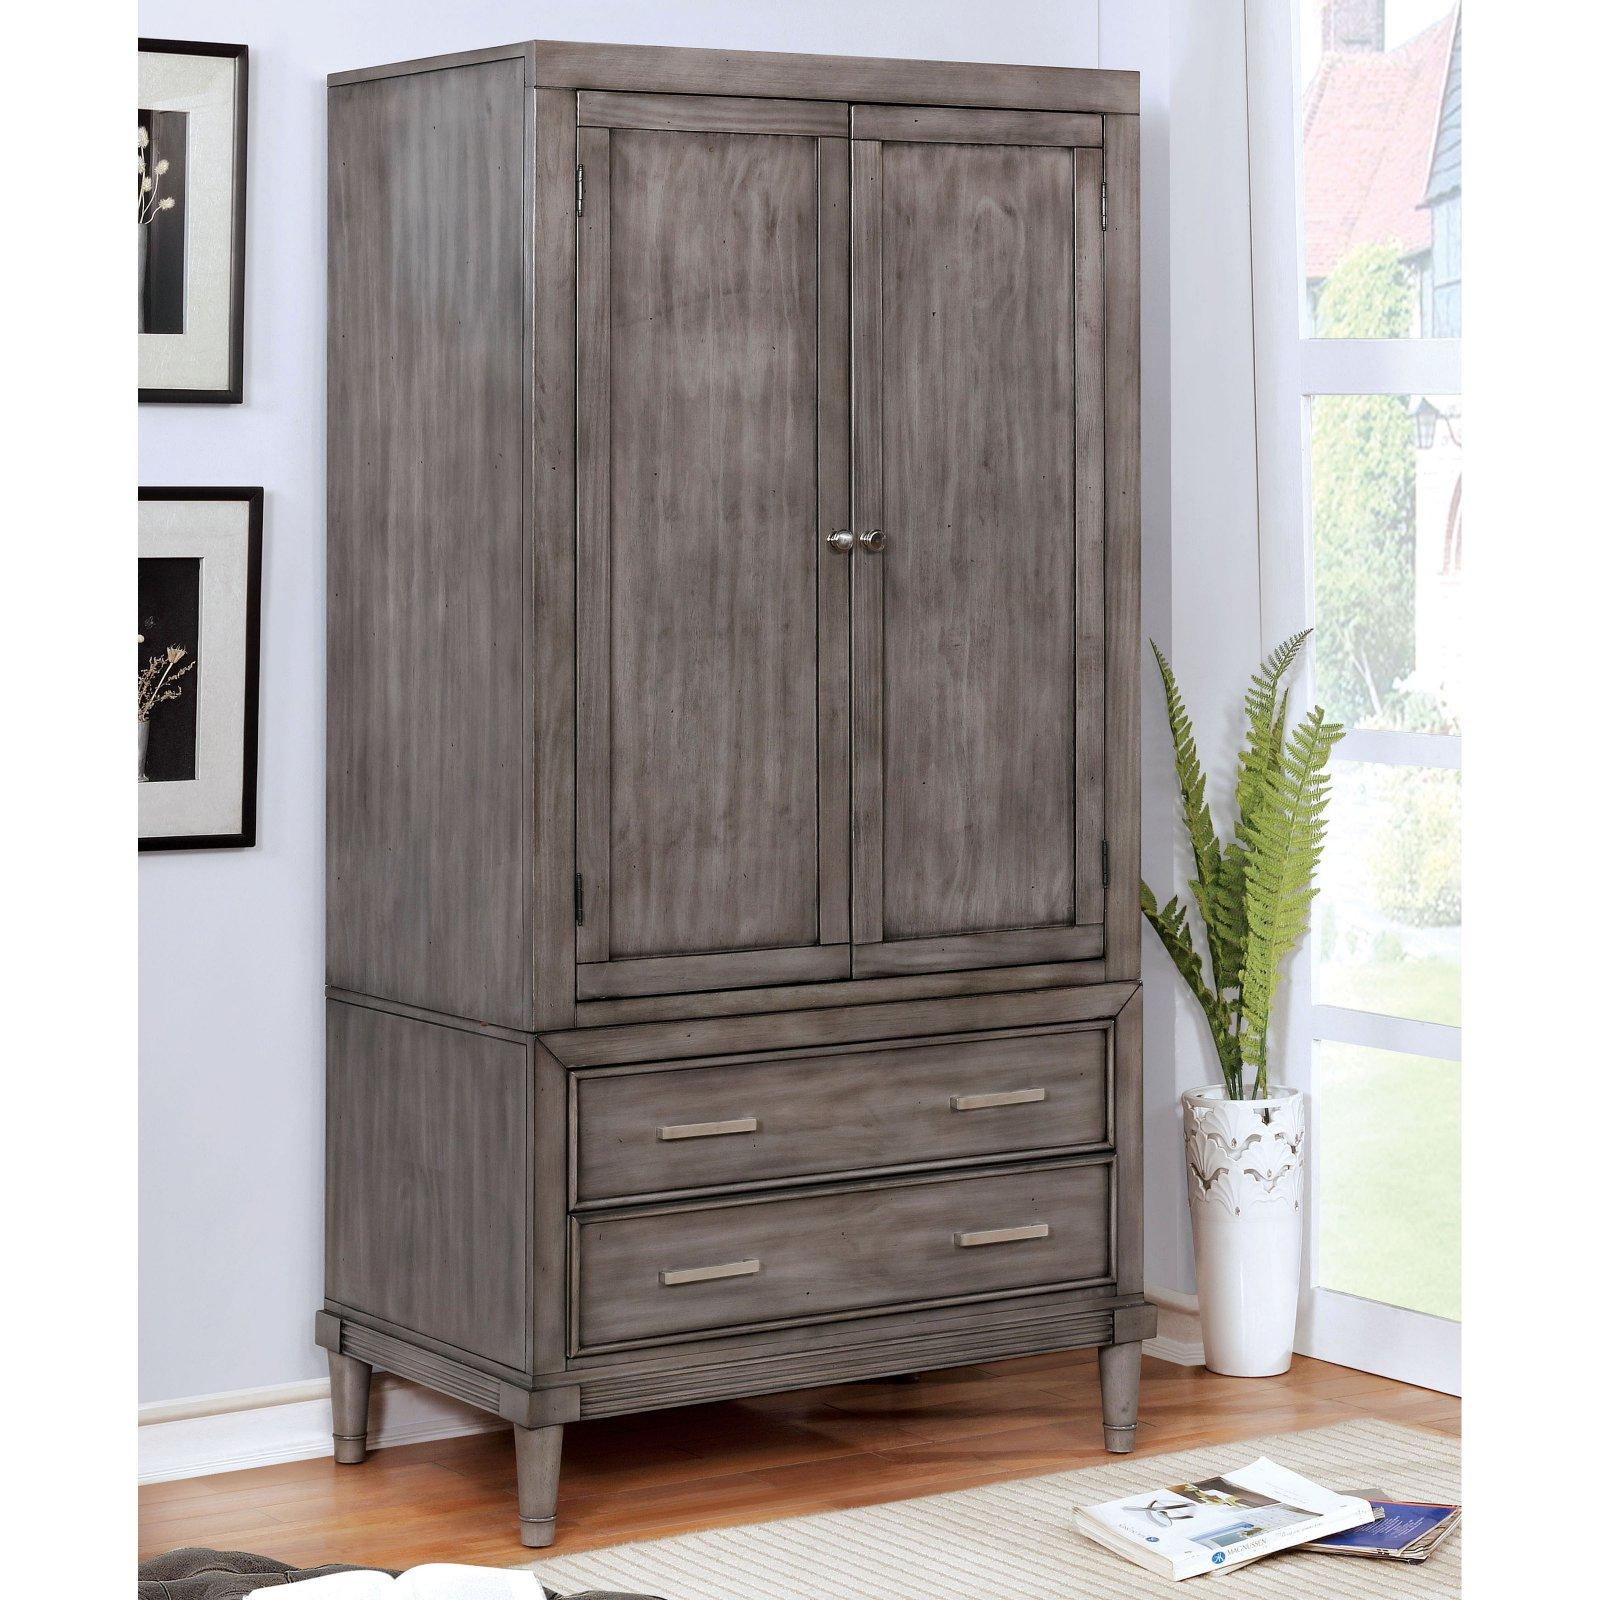 Furniture of America Kaylan Transitional 2-Drawer Multi-Storage Armoire